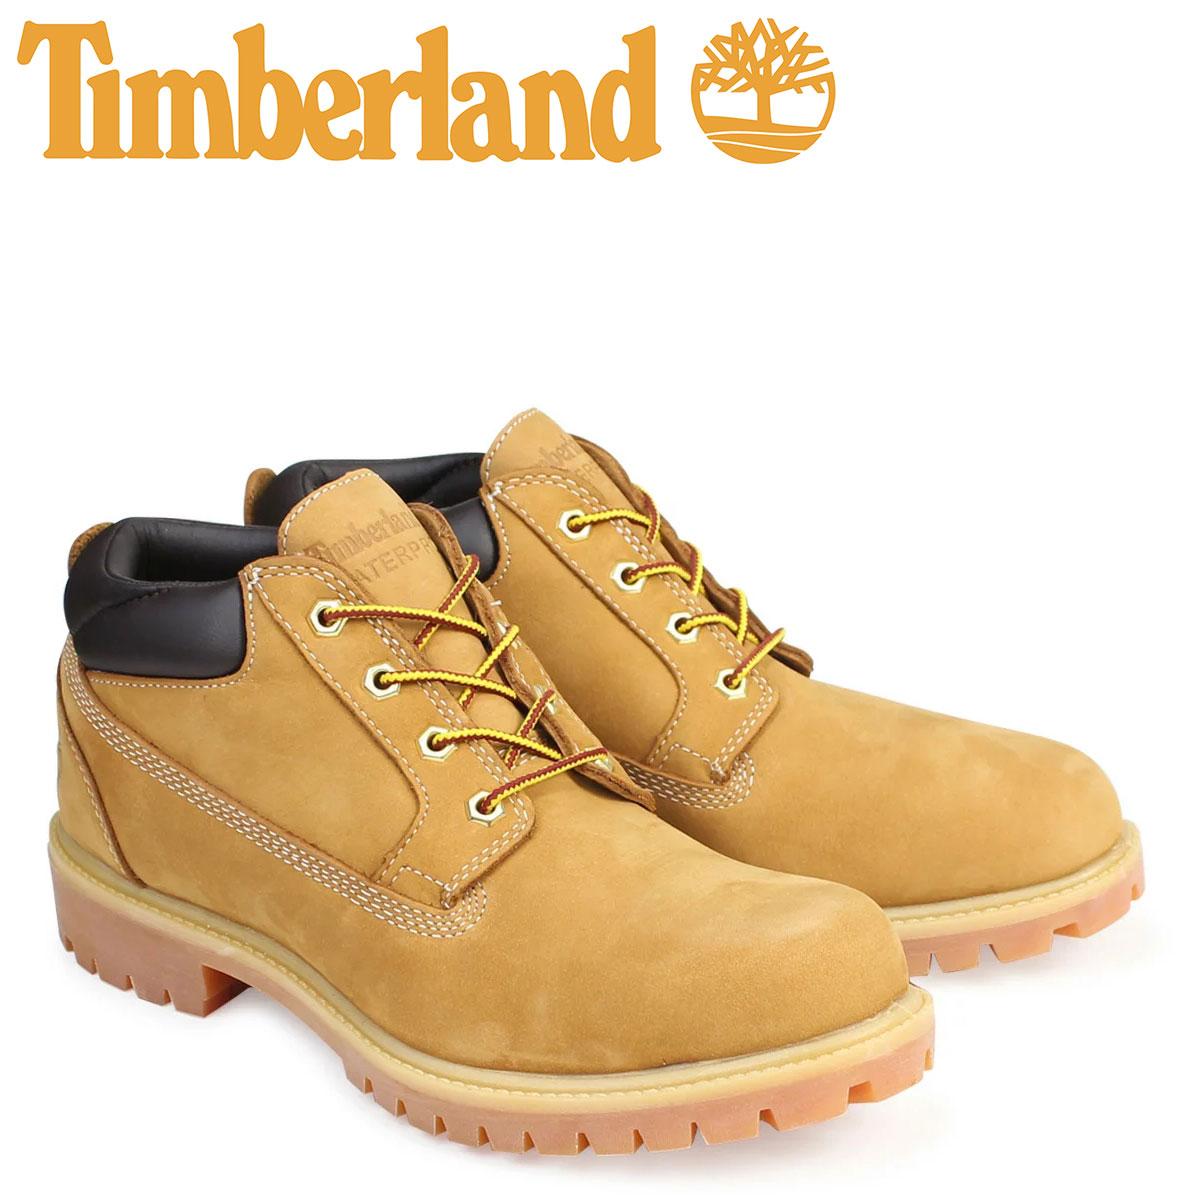 Timberland ブーツ メンズ ティンバーランド オックスフォード PREMIUM WATERPLOOF OXFORD 73538 Wワイズ プレミアム ウィート 防水